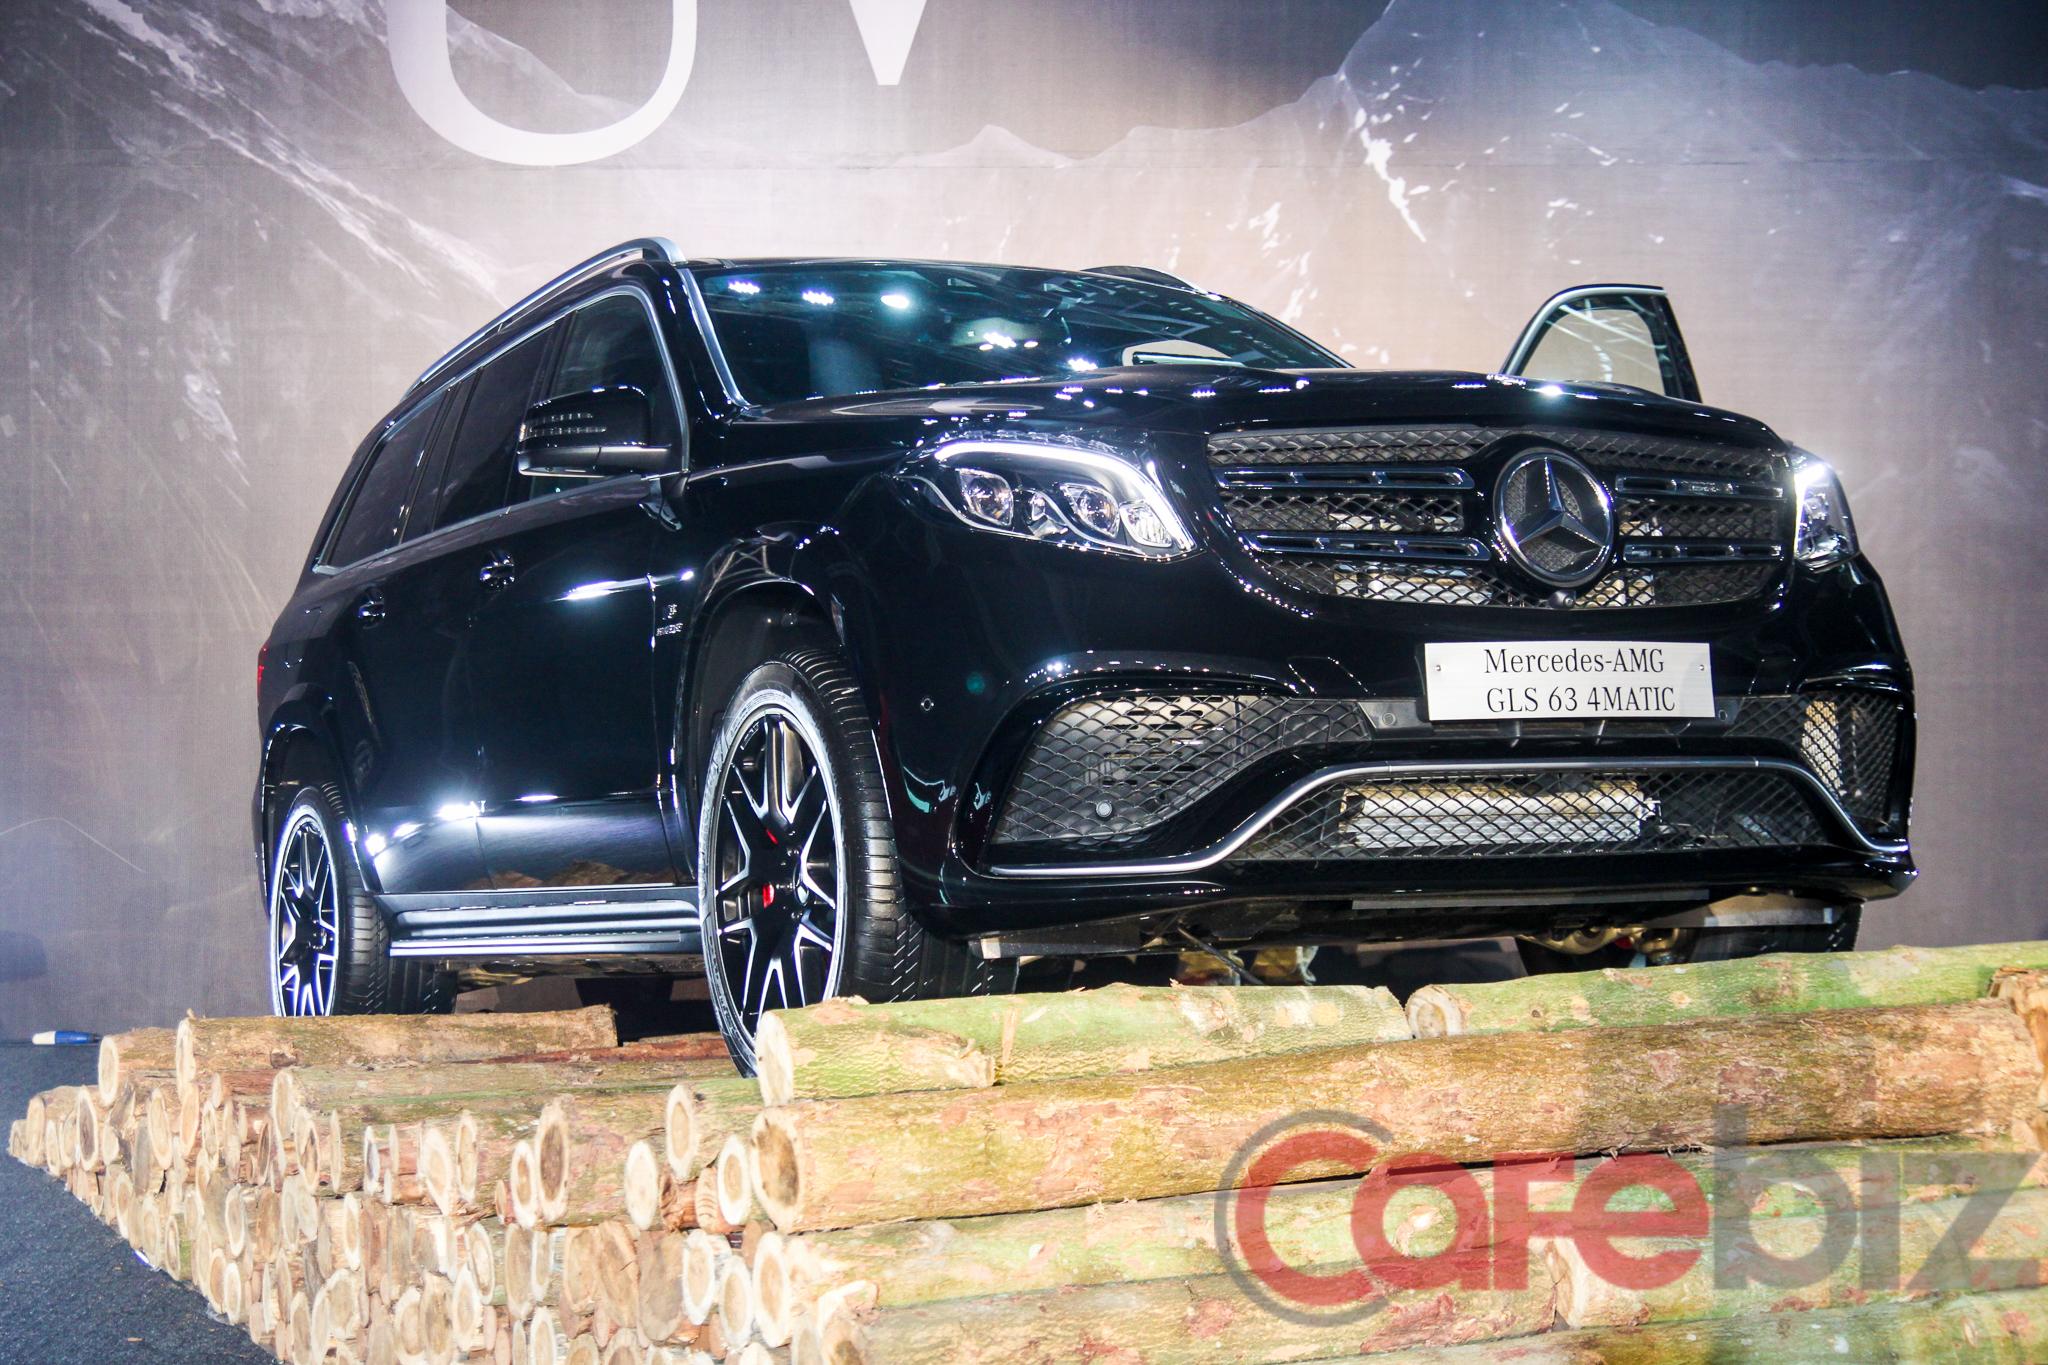 Mercedes-Benz GLS có giá bán 3,9 tỉ đồng, 4,28 tỉ đồng, 6,03 tỉ đồng và 8,43 tỉ đồng tương ứng với các phiên bản GLS 350 d 4Matic (máy dầu), GLS 400 4Matic, GLS 500 4 Matic và GLS 63 4Matic.